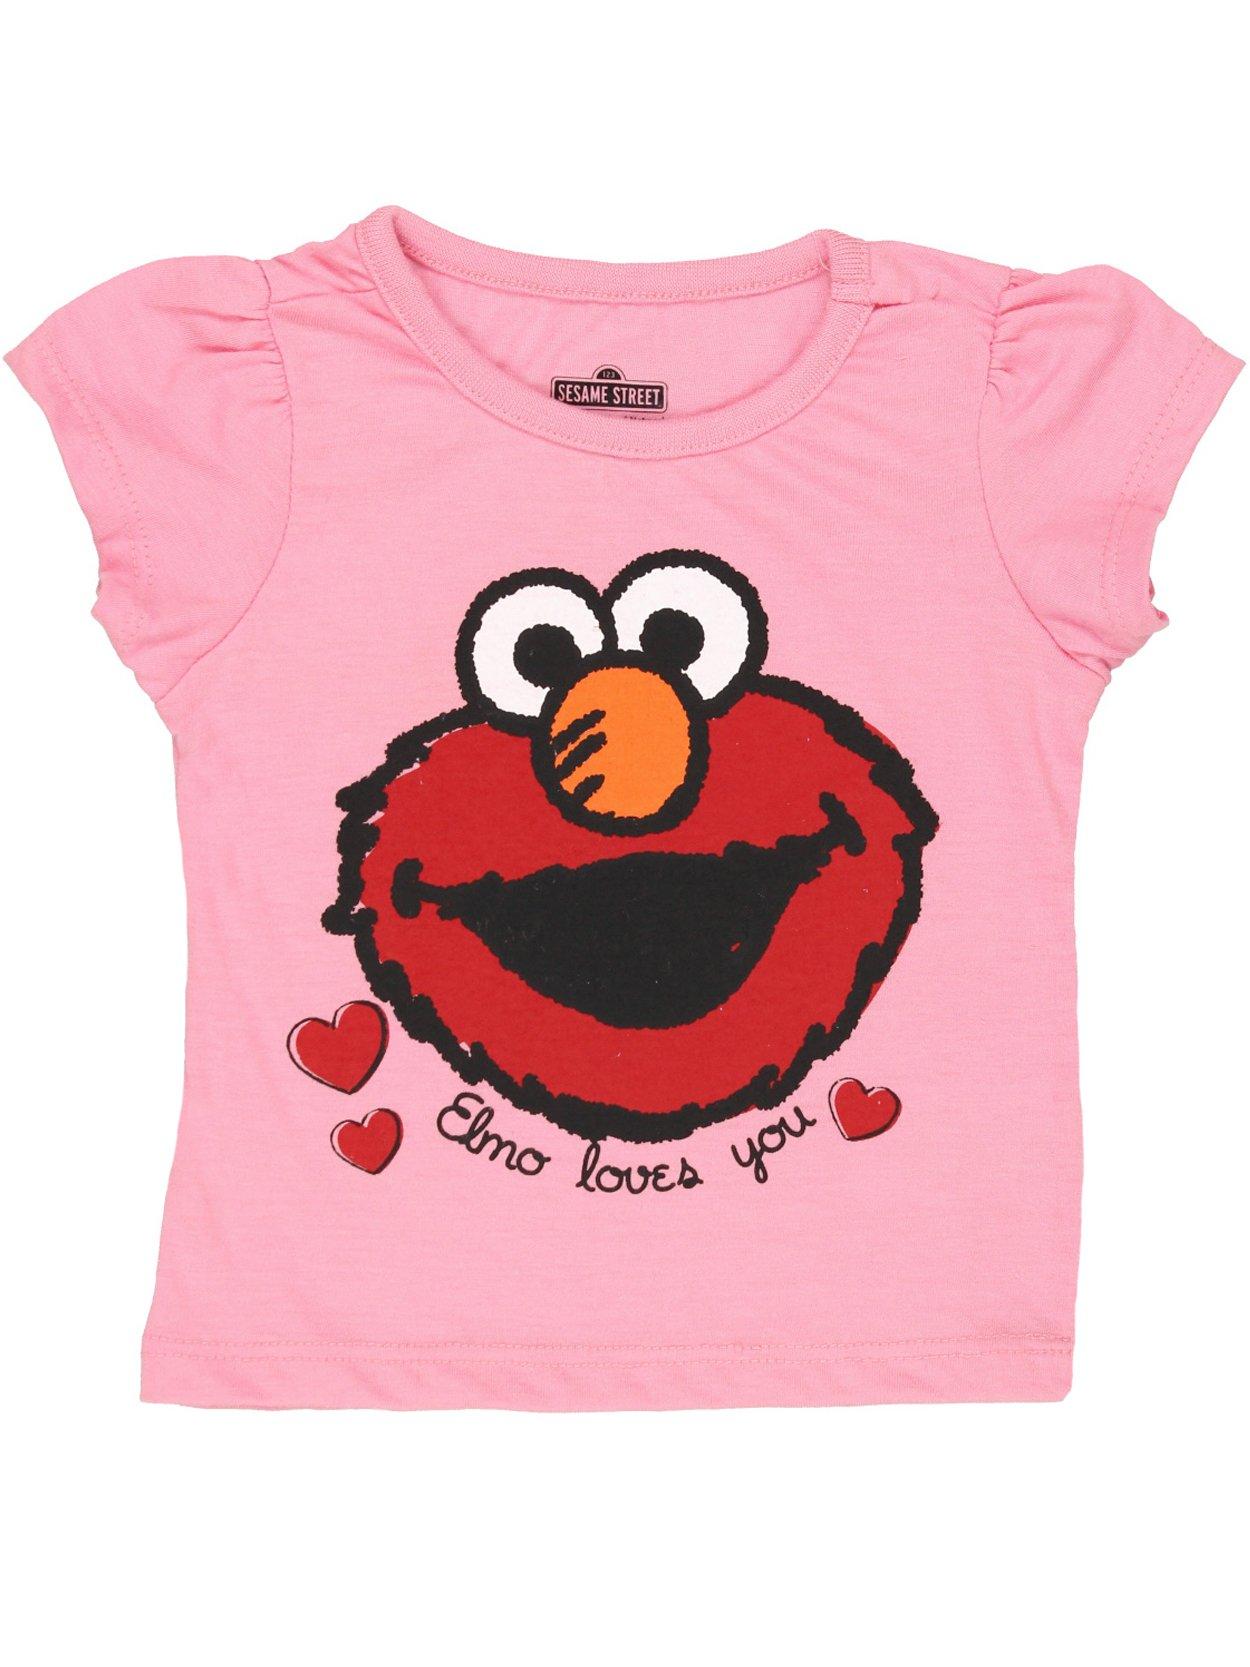 Sesame Street Elmo Girls Short Sleeve Tee (2T, Pink Elmo Loves You)